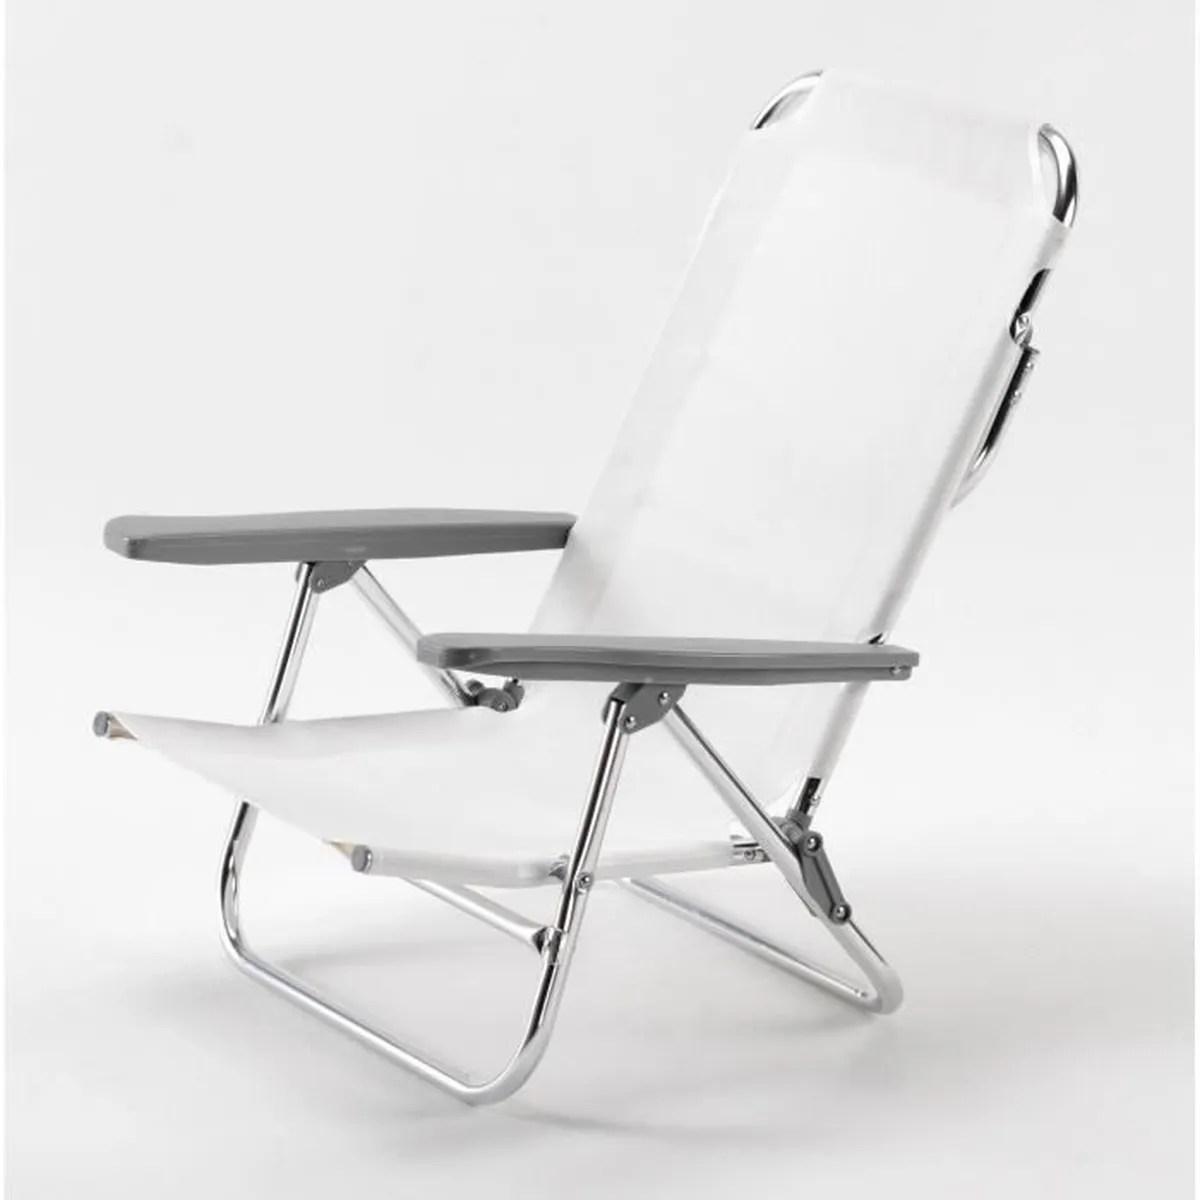 Piscine Longue Piscine Chaise Longue Aluminium Piscine Chaise Chaise Longue Longue Piscine Aluminium Aluminium Chaise lFK3c1JT